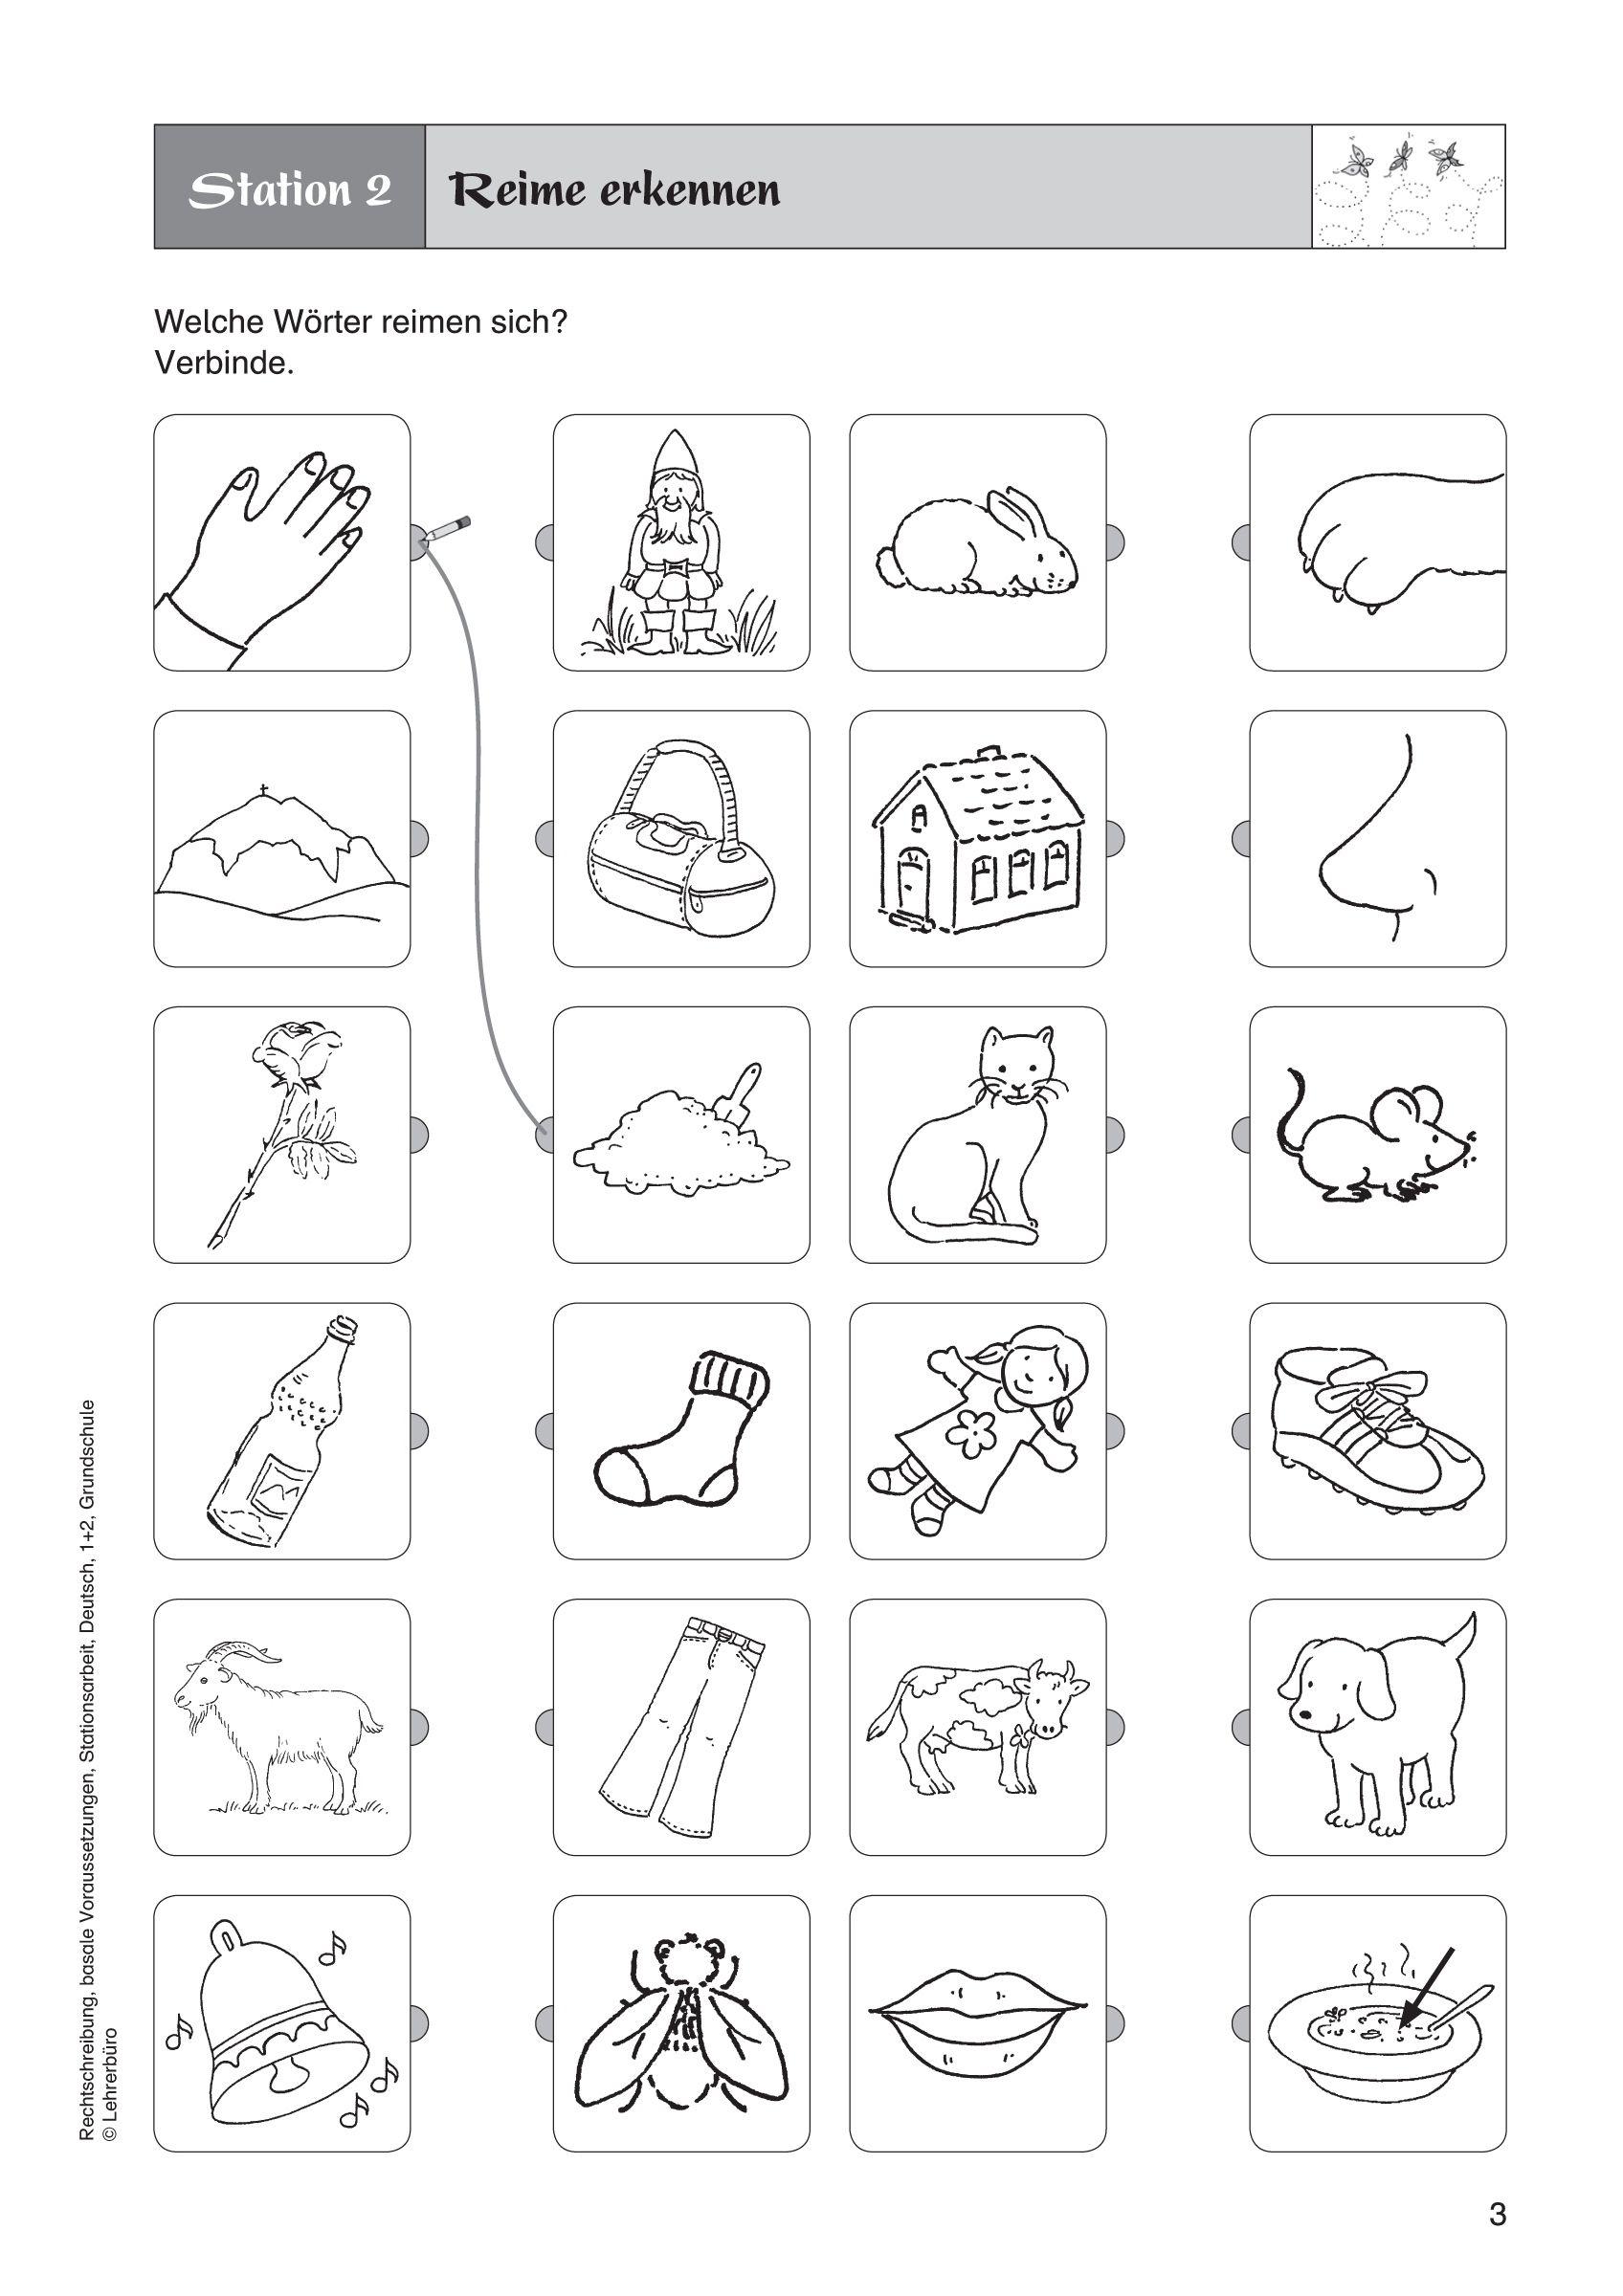 Arbeitsblätter Grundschule 1 Klasse Ausdrucken 1 Klasse verwandt mit Vorschulübungen Arbeitsblätter